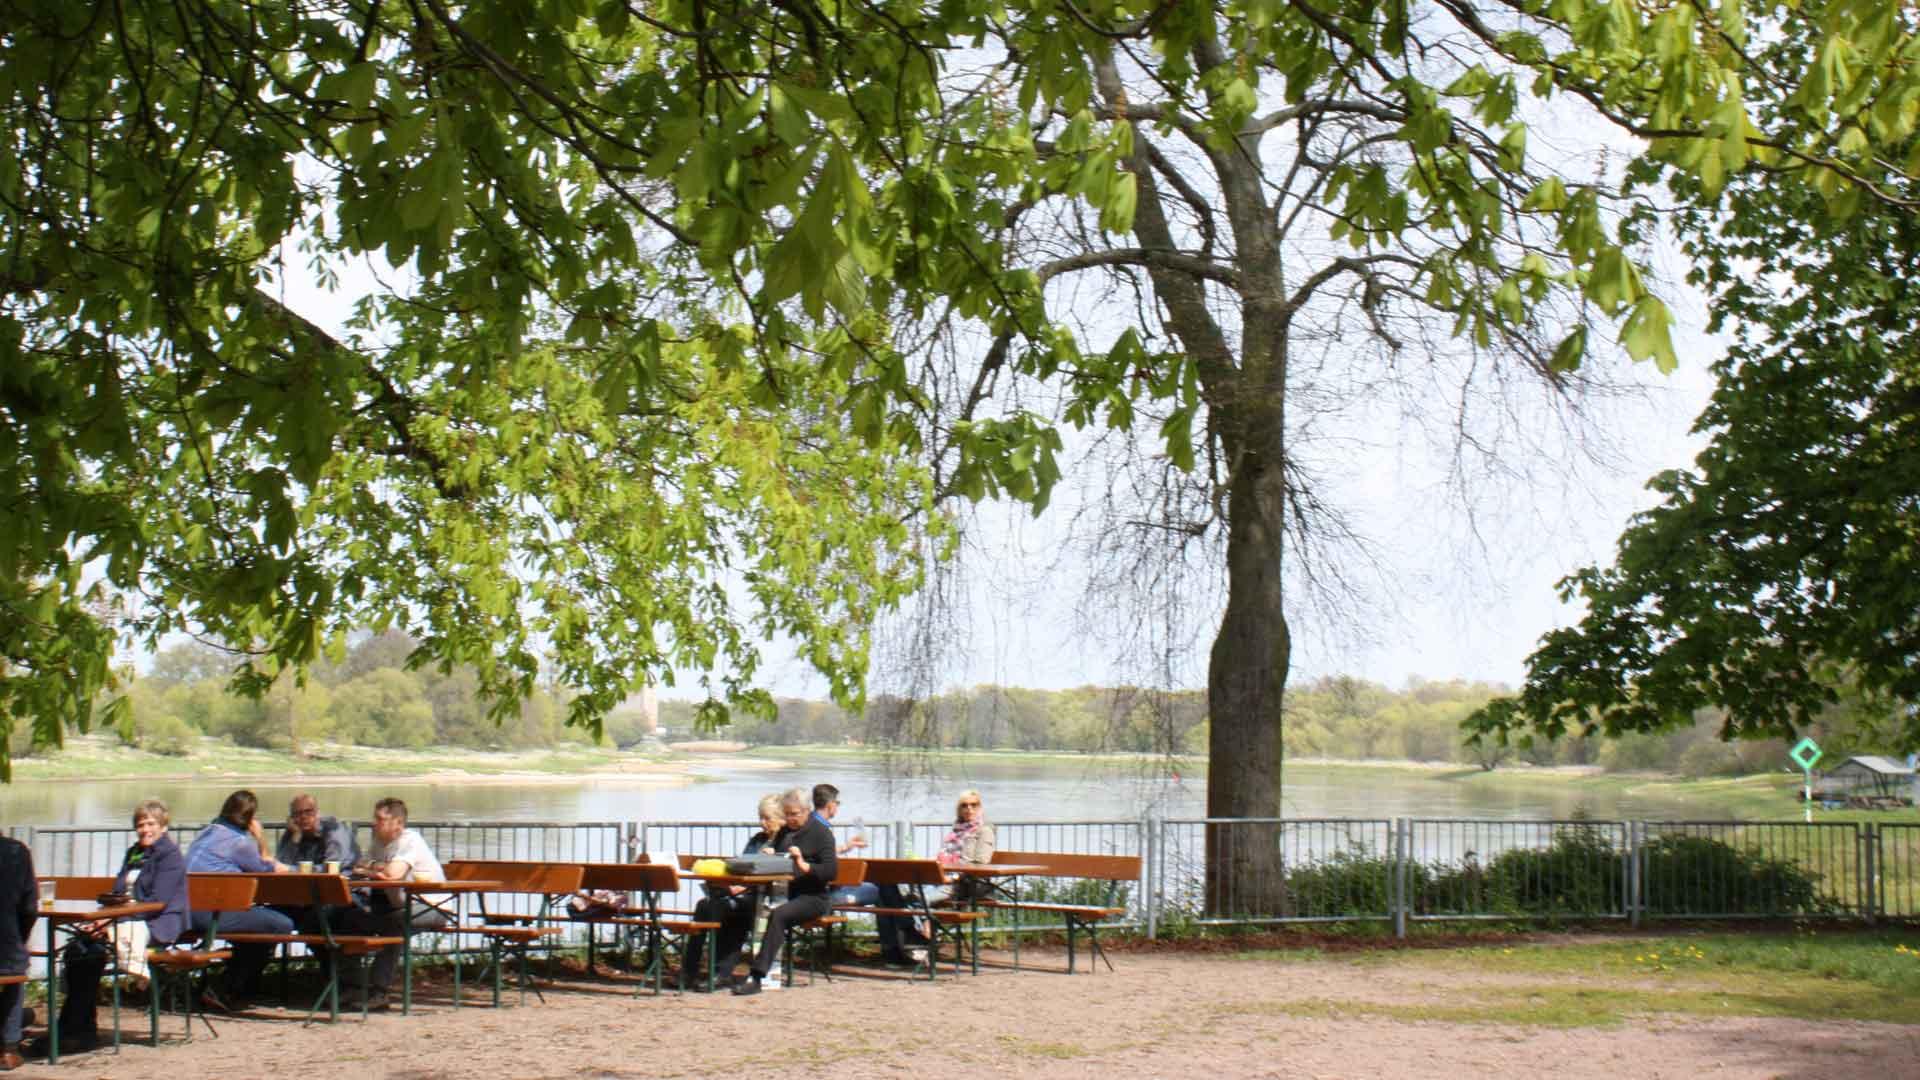 Pauzeren tijdens een fietstocht langs de Elbe bij Dessau.